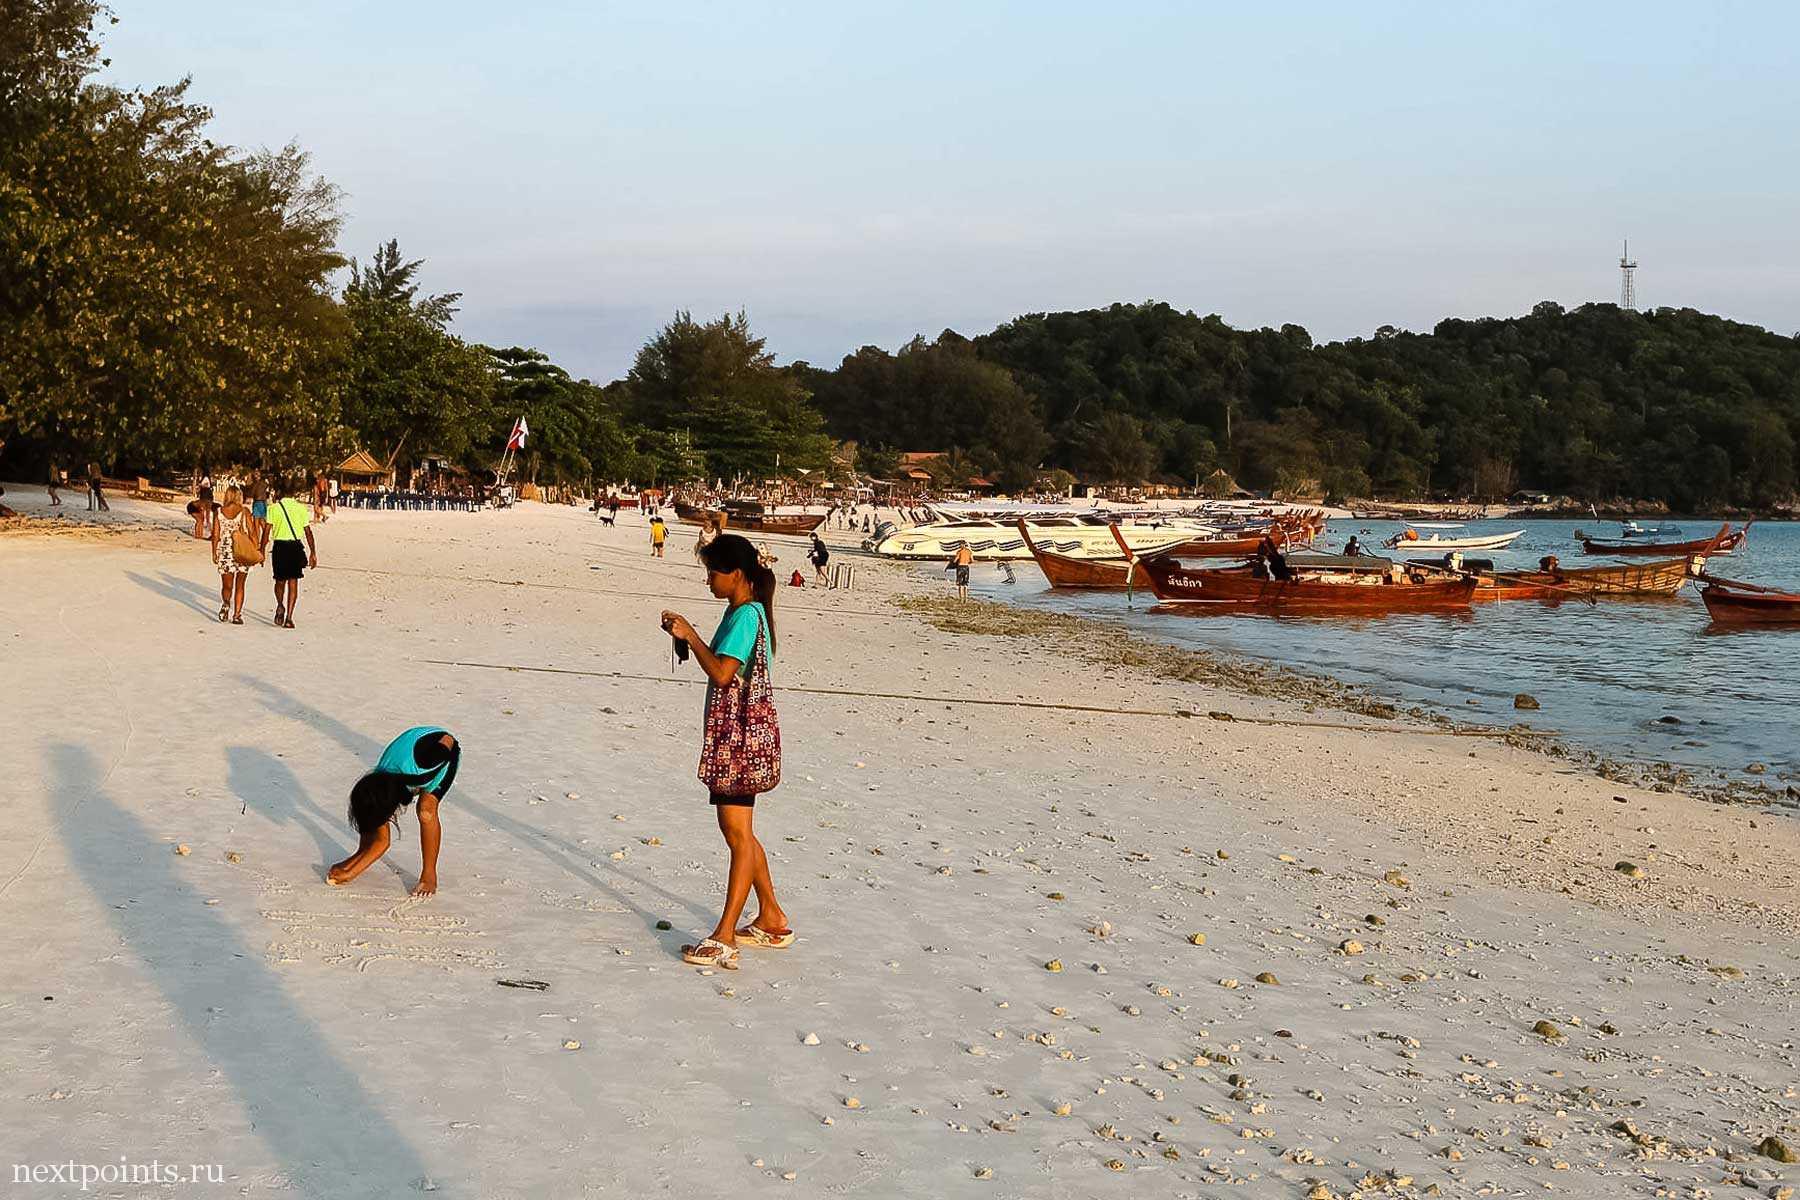 Гуляем по пляжу Паттая по направлению к пляжу Санрайз